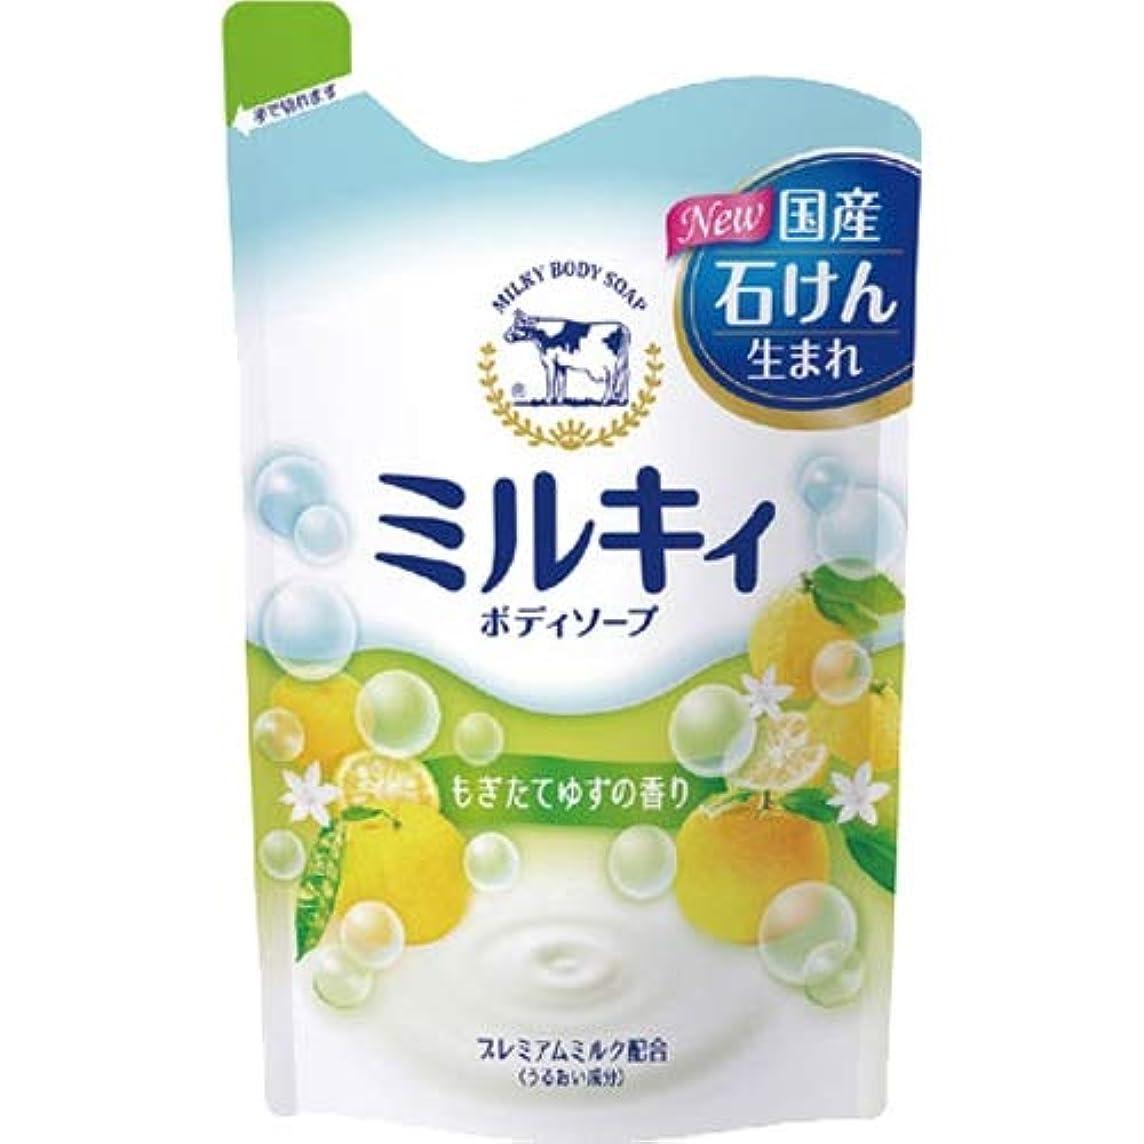 紳士気取りの、きざなしばしば扱いやすいミルキィ ボディソープ シトラスソープの香り 詰替用400mL